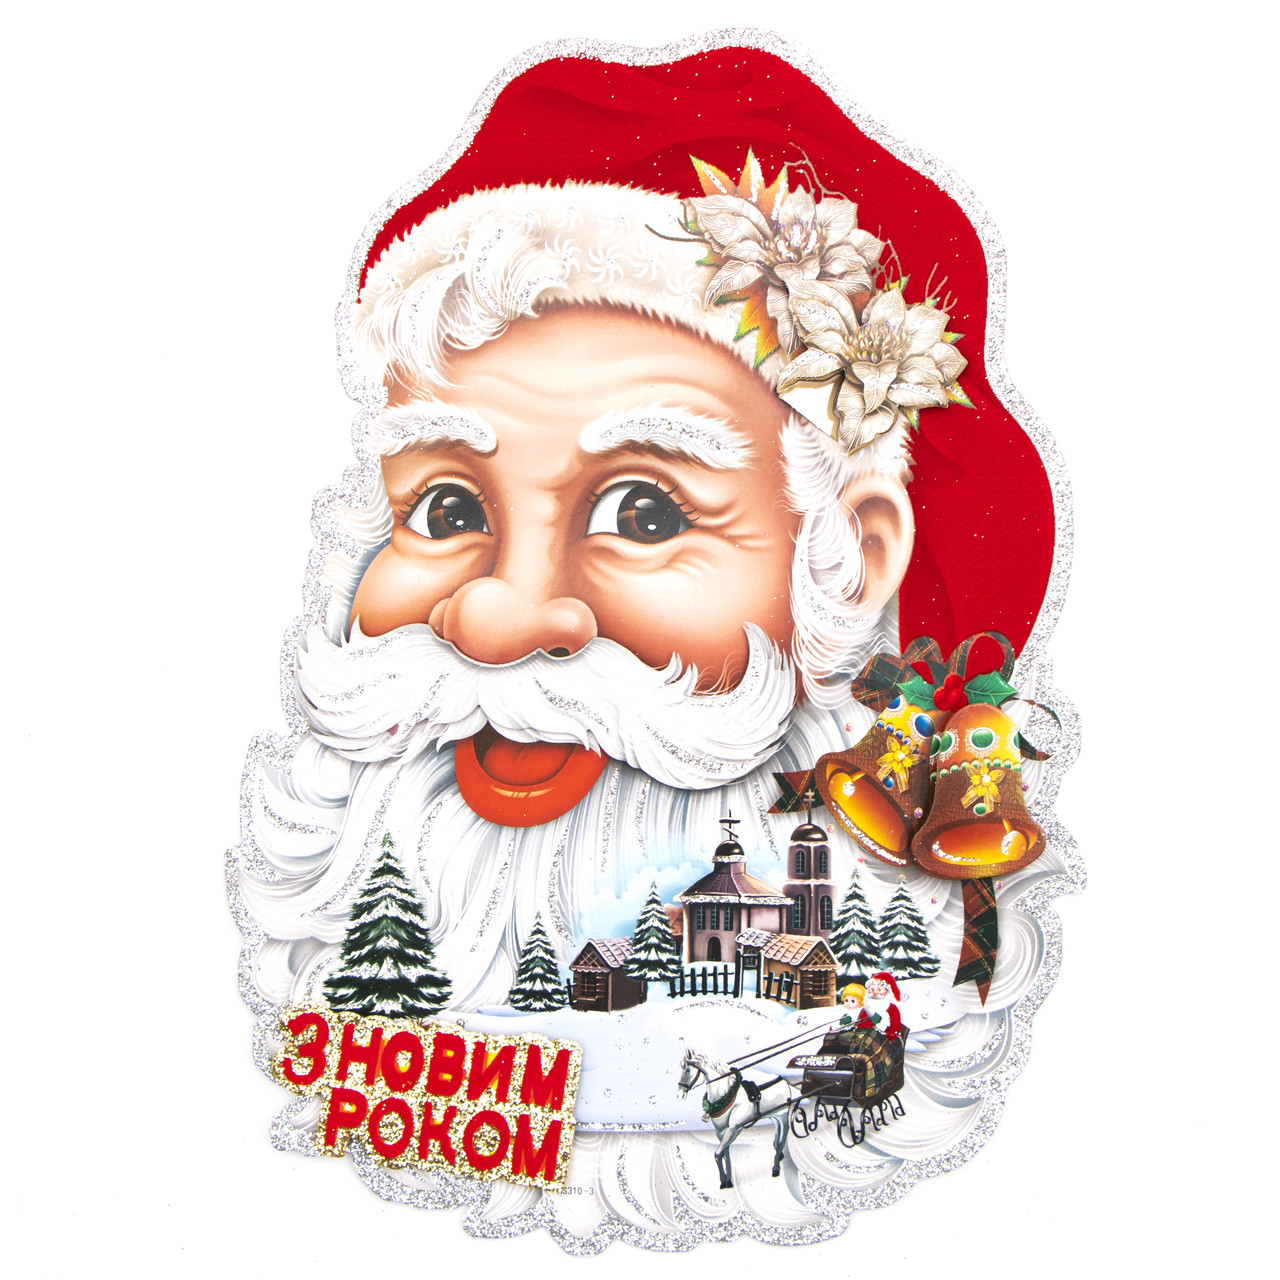 Новорічна прикраса - наліпка на вікно Дід Мороз, 39*28 см, різнокольоровий, папір (471515)